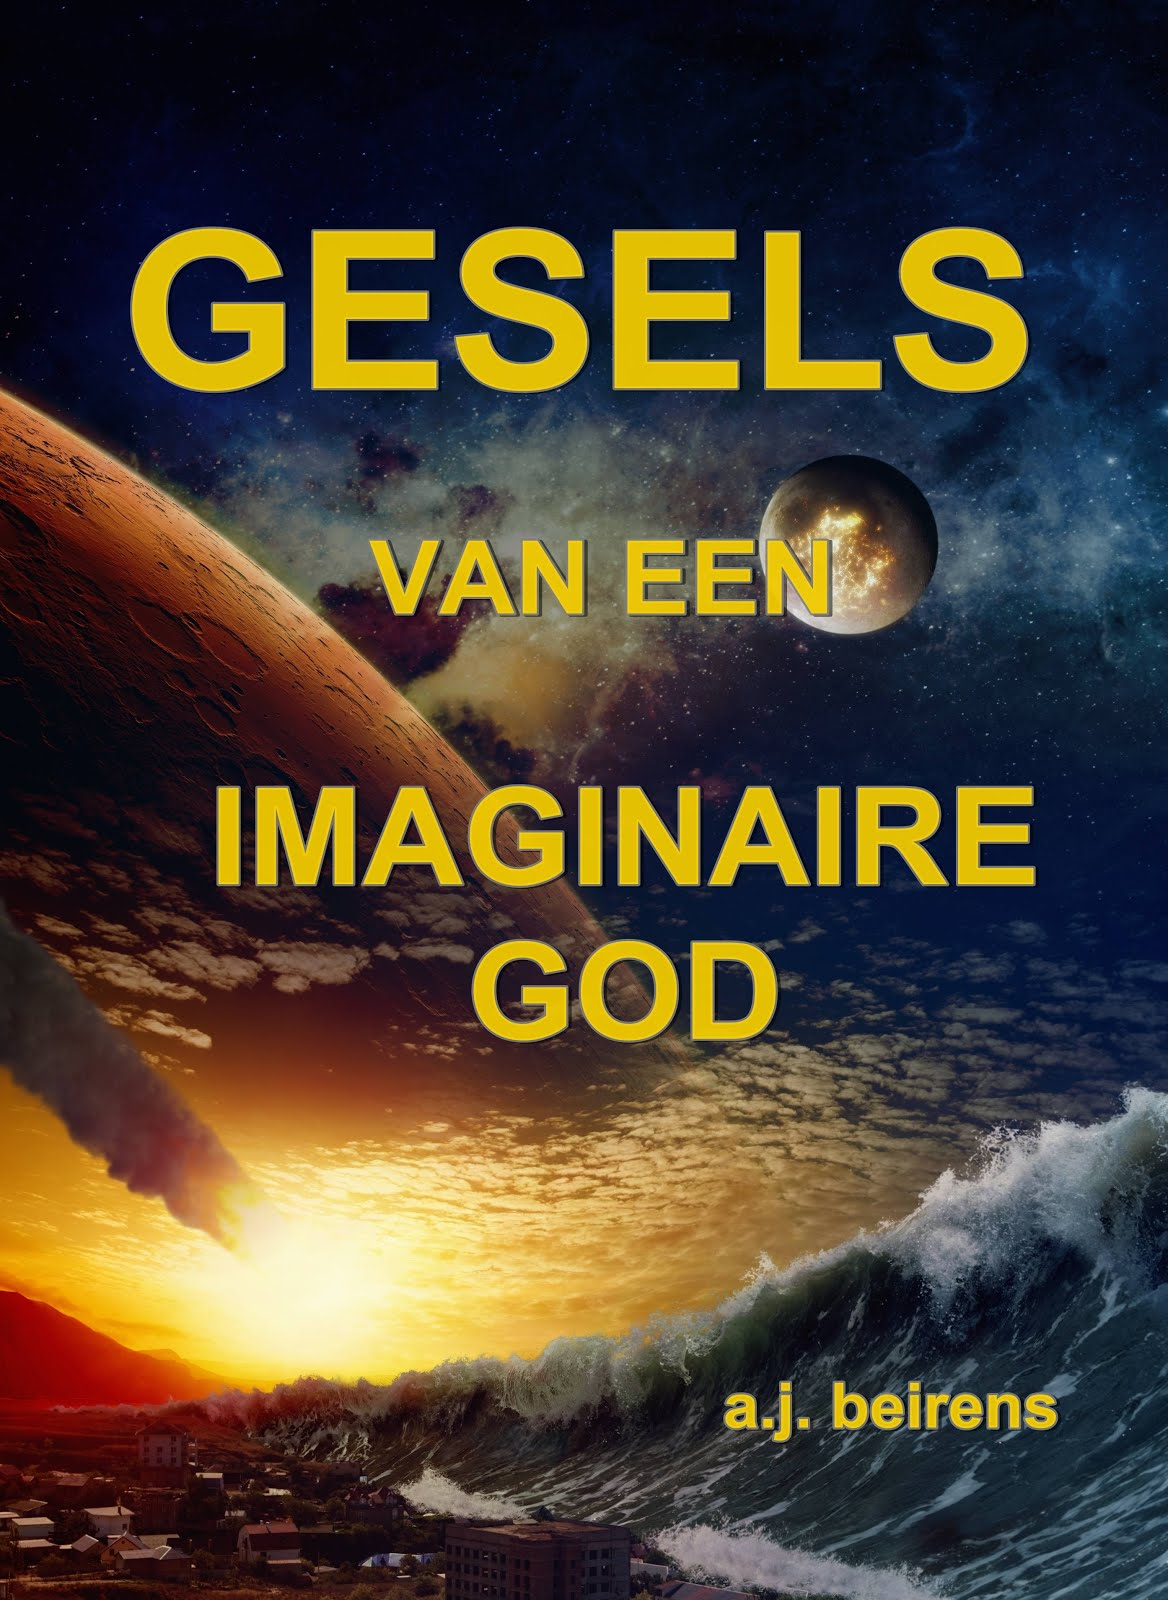 GESELS van een imaginaire god